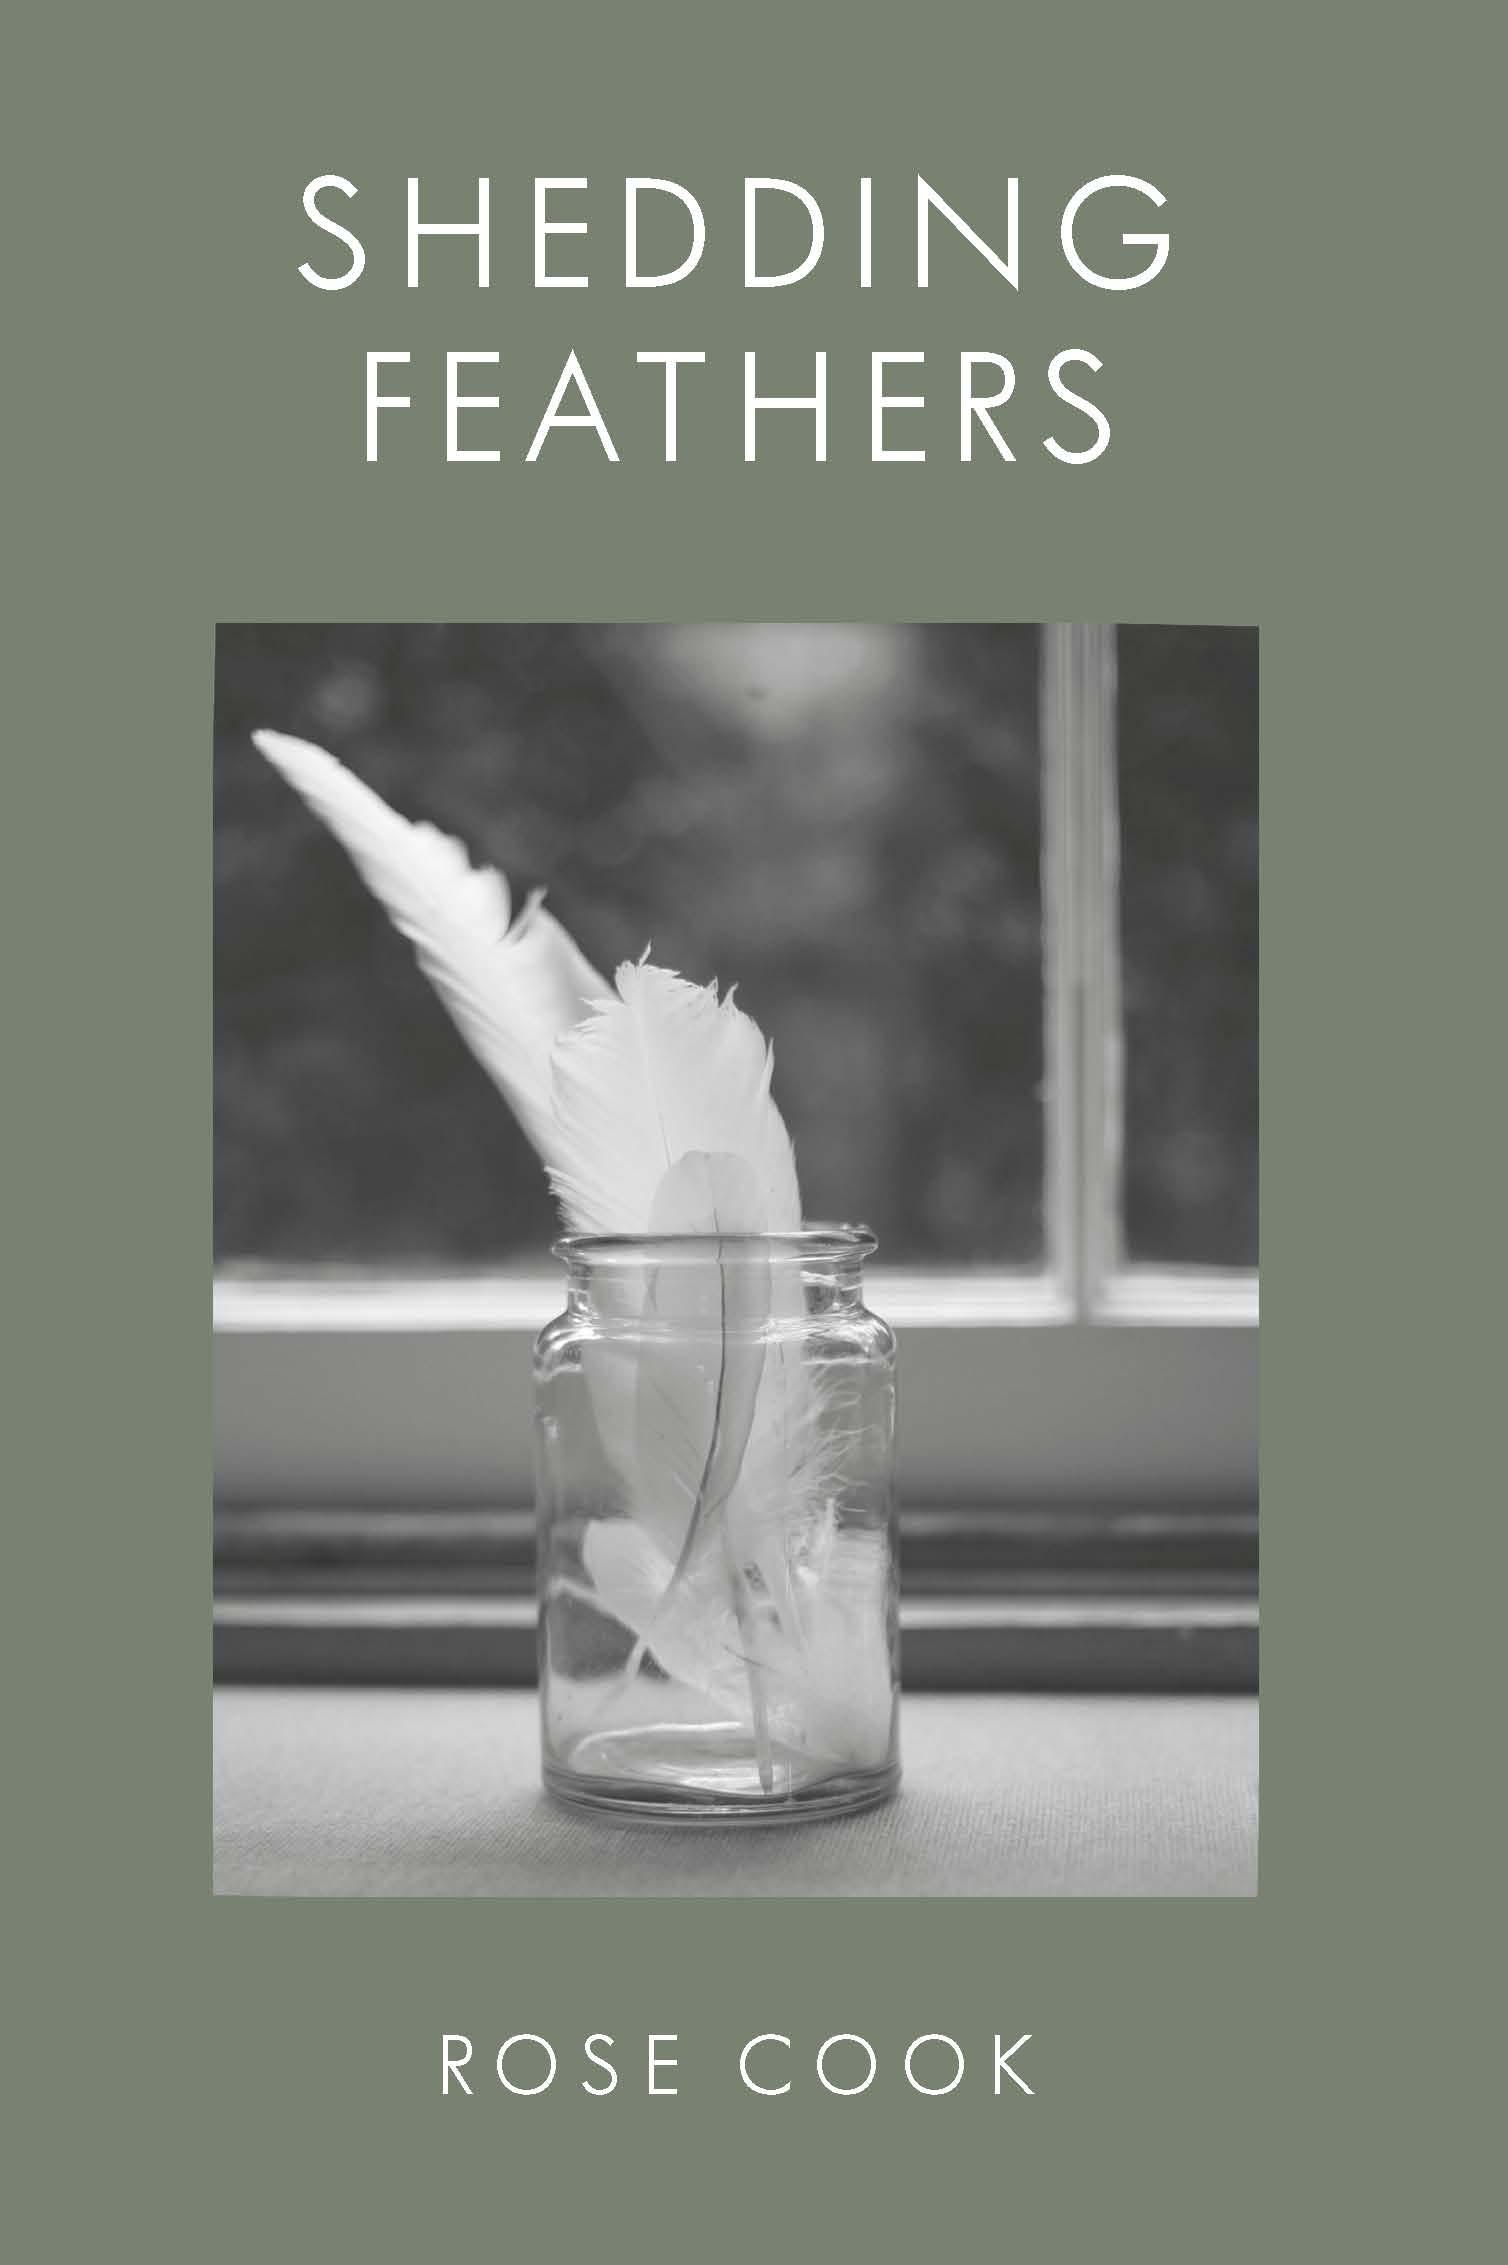 Shedding Feathers